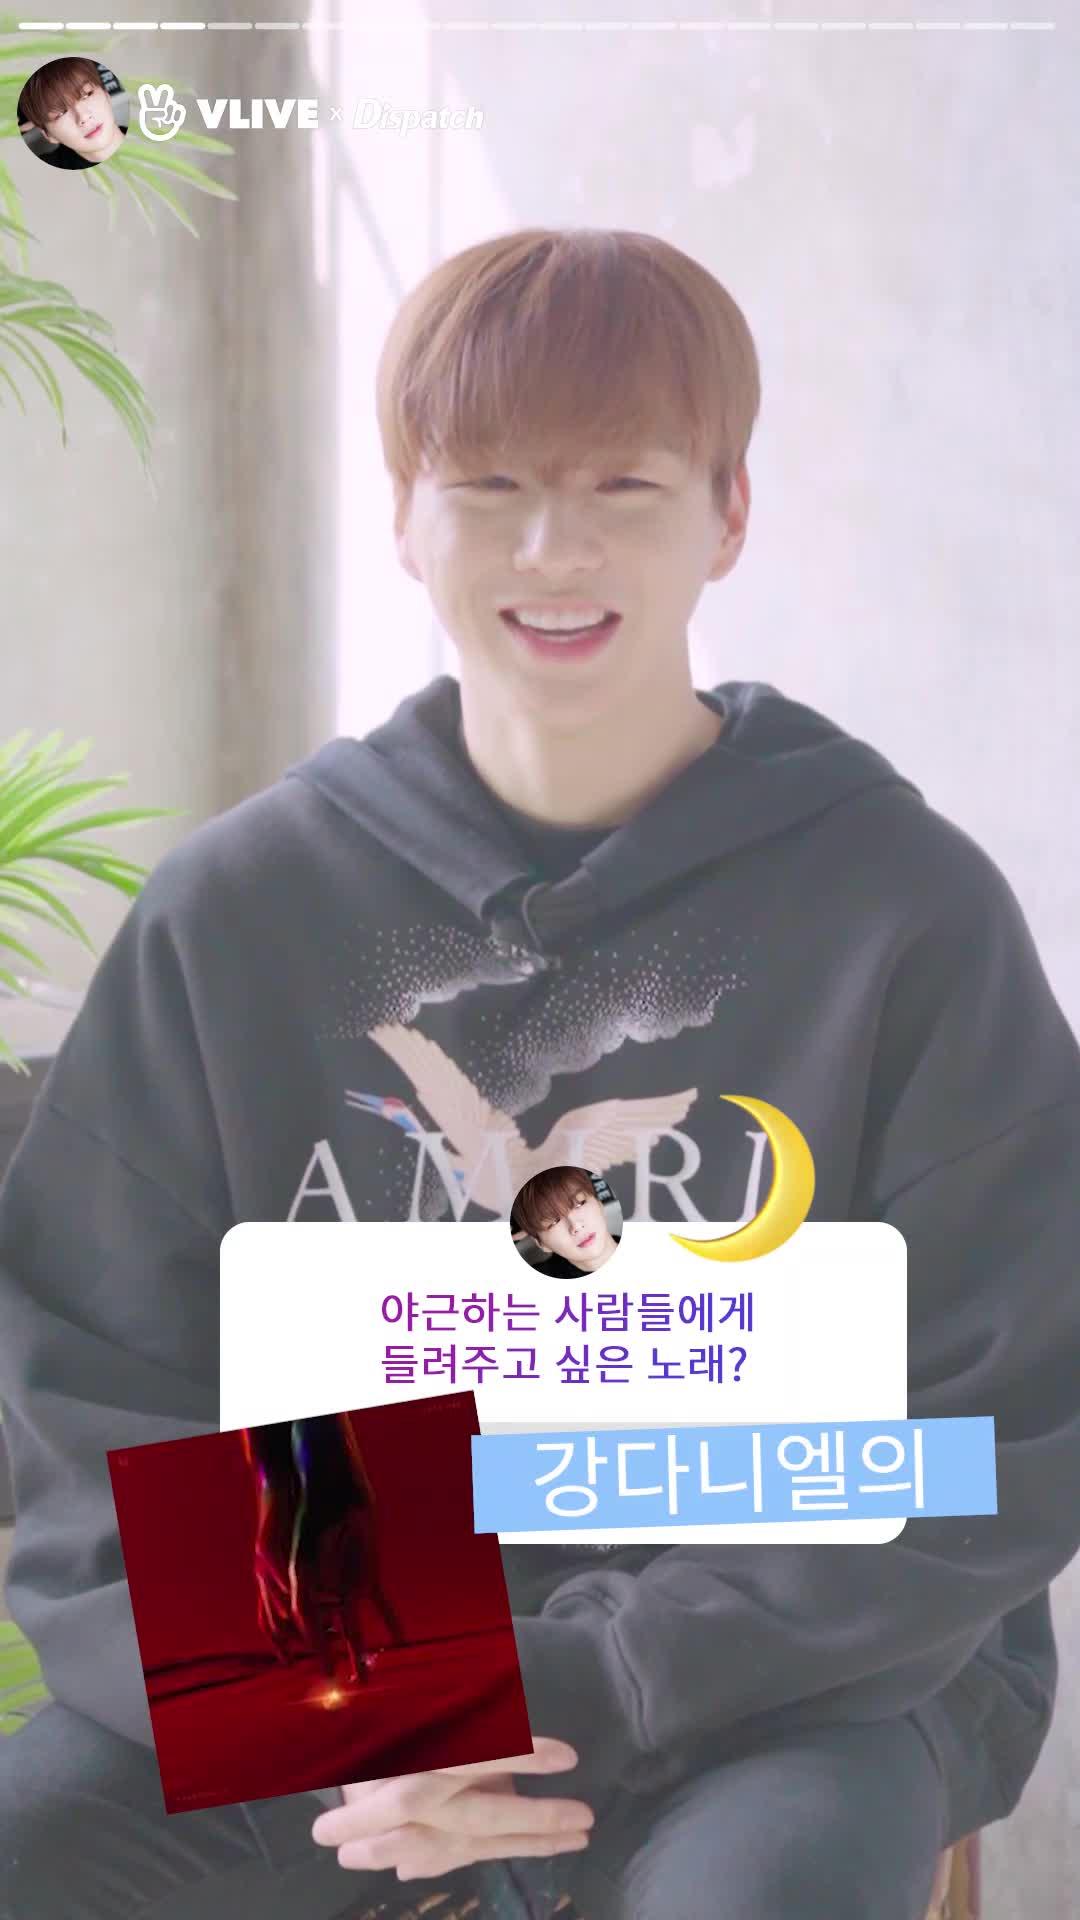 """[ⓓxV] """"귀여운 고먐미 강다니엘의 미니 인터뷰"""" (강다니엘 : KANG DANIEL)"""